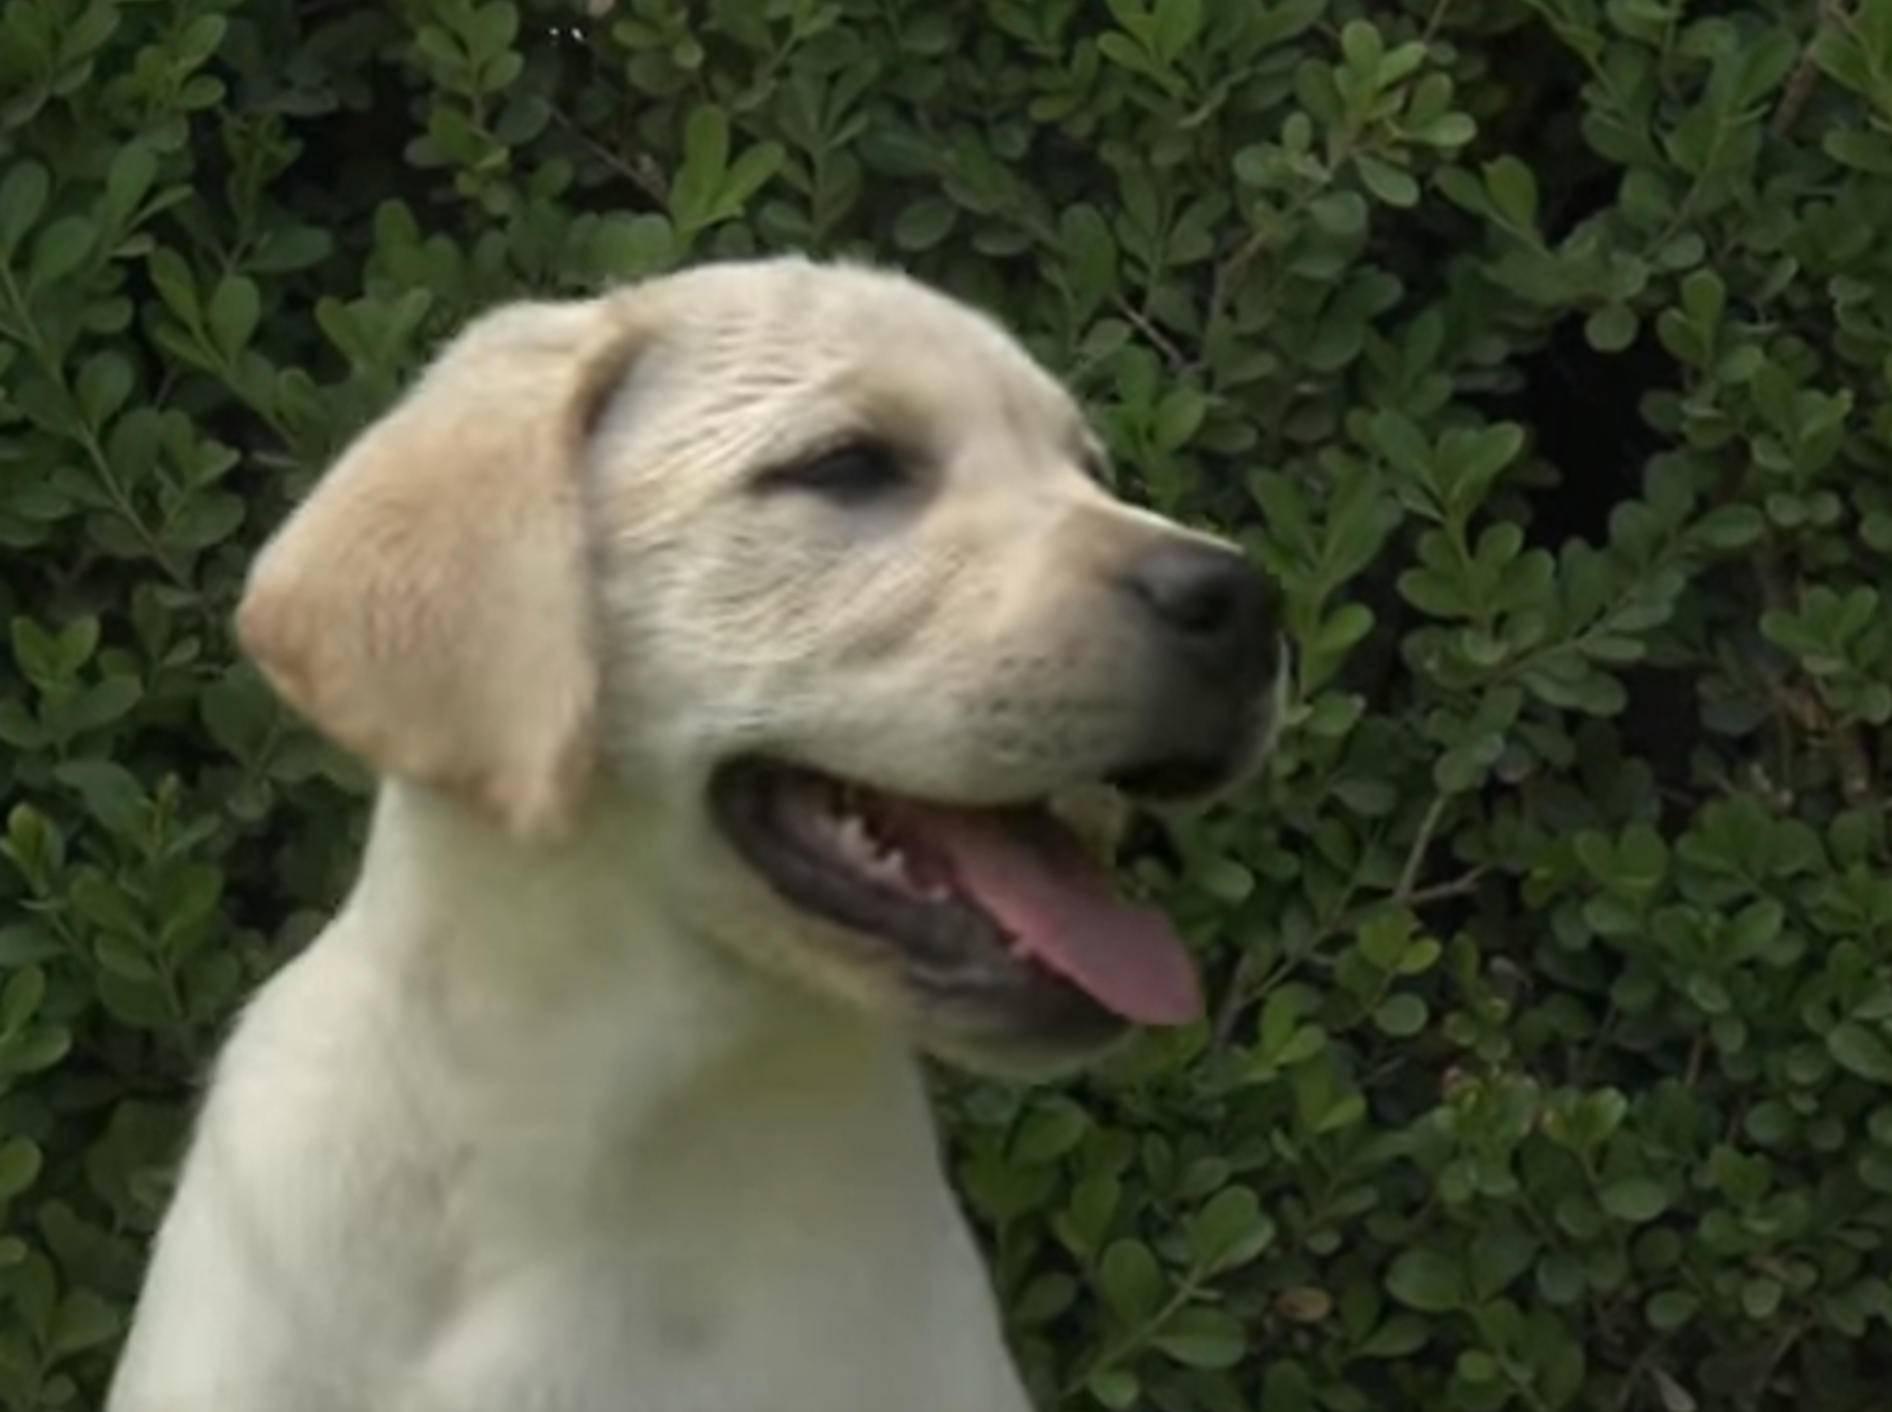 Gartenparty: Zuckersüße Labrador-Welpen beim Spielen – Bild: YouTube / The Pet Collective